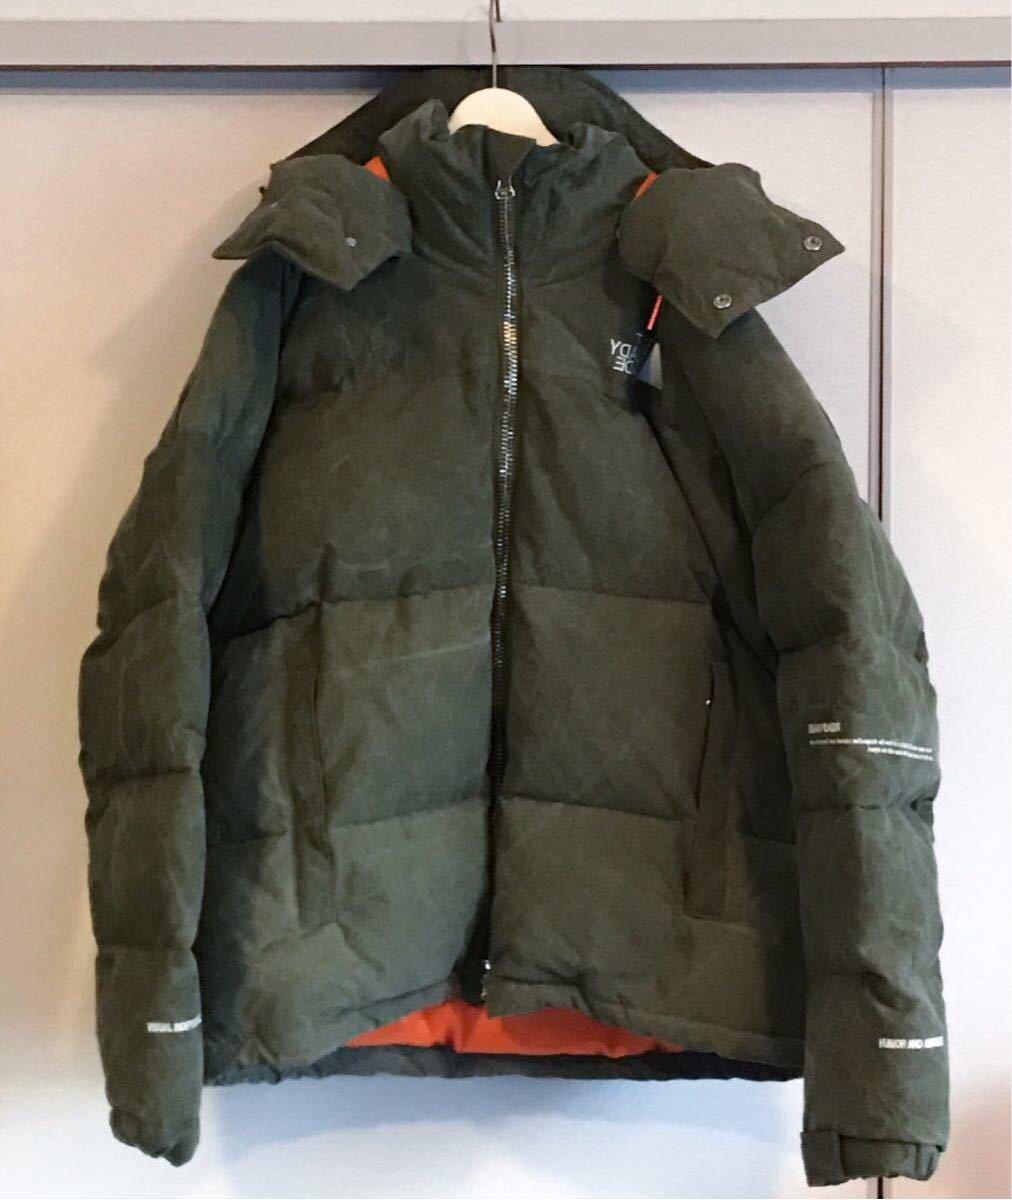 READYMADE レディメイド Down Jacket ダウンジャケット サイズ2 ノースフェイス